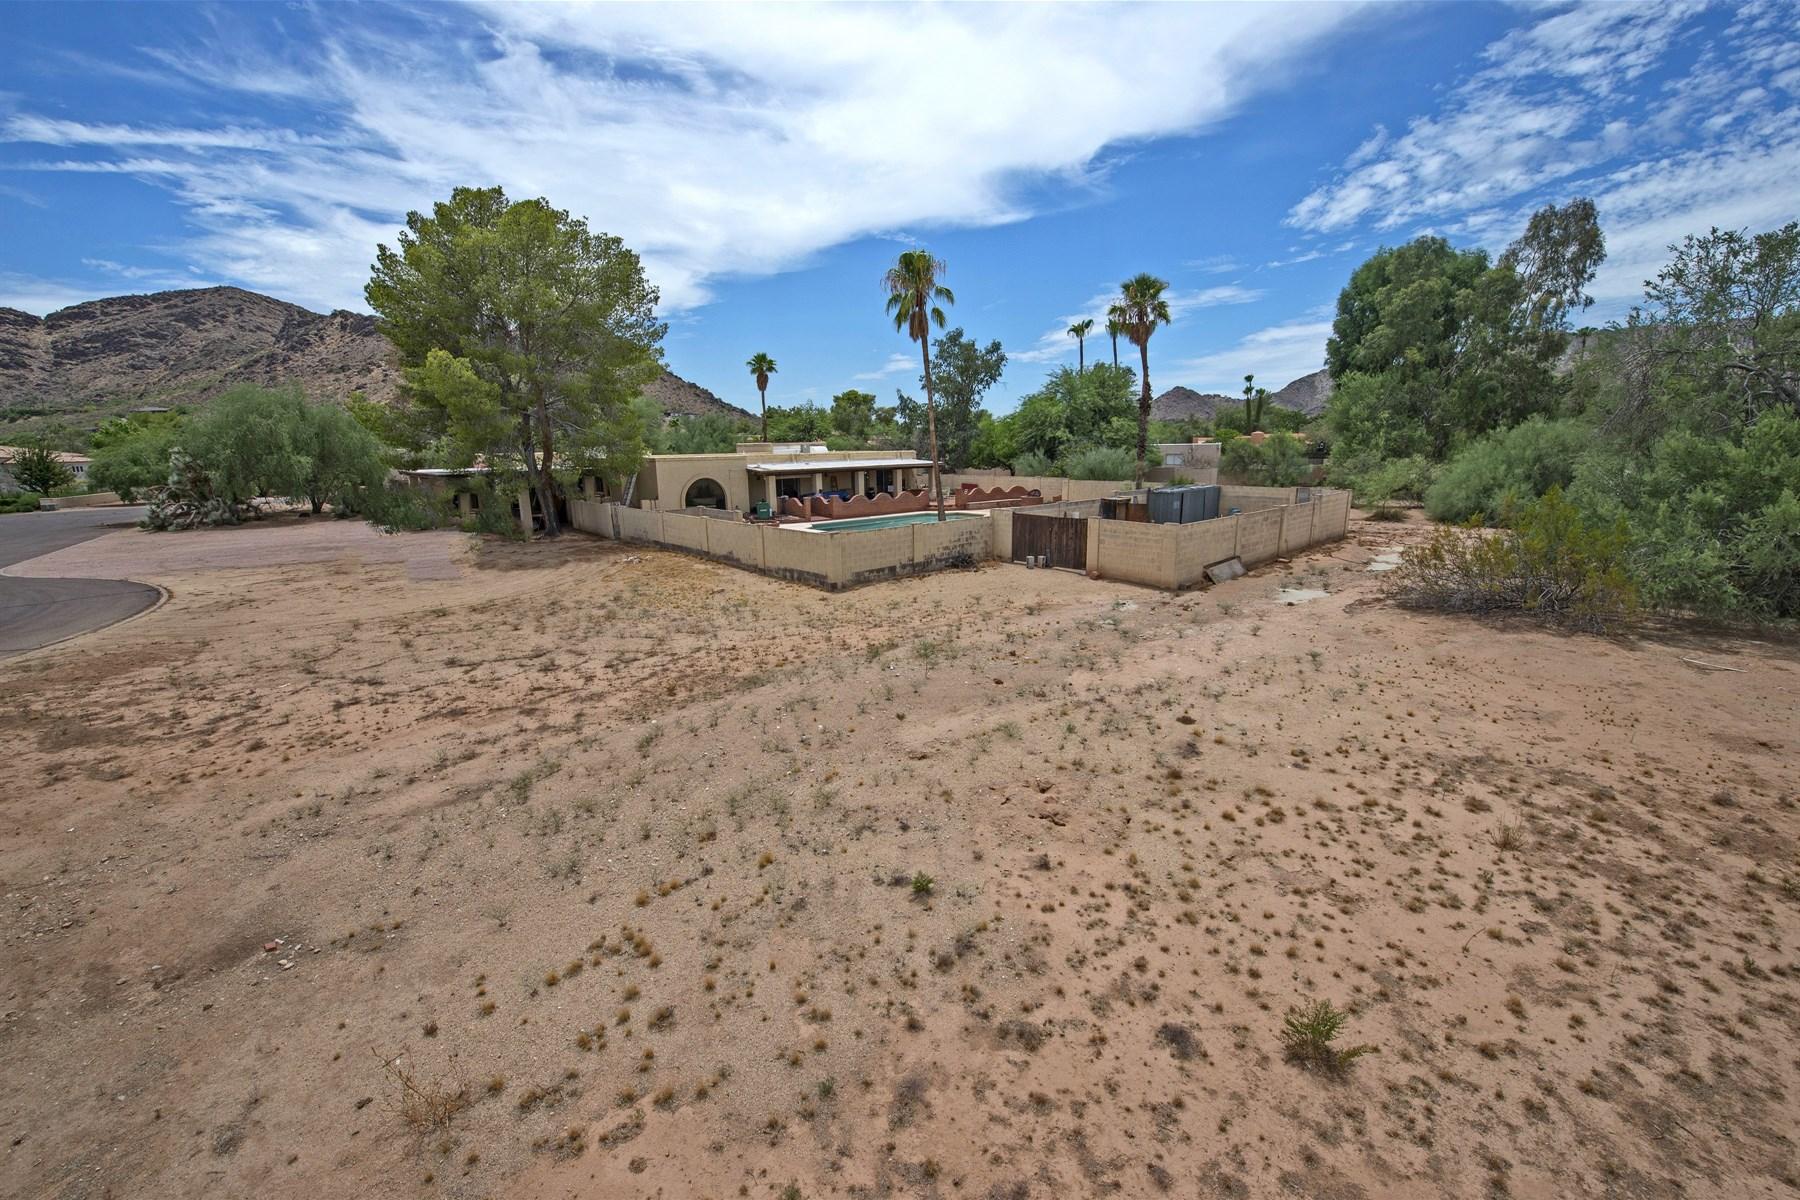 Terreno por un Venta en 1.06 acre lot surrounded by multi-million dollar homes. 5530 E ORCHID LN 7 Paradise Valley, Arizona 85253 Estados Unidos